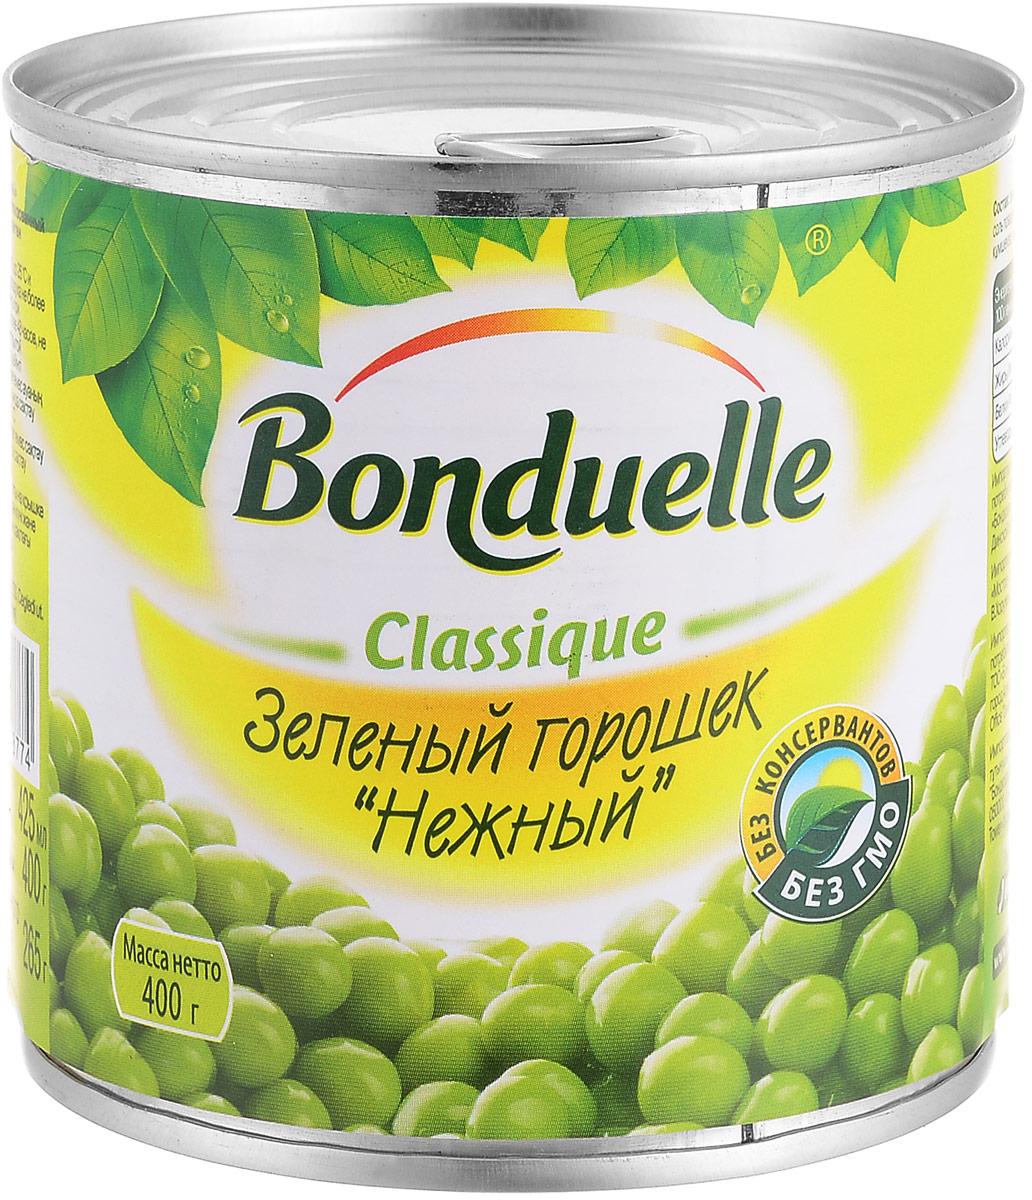 Bonduelle зеленый горошек Нежный, 400 г0120710Нежнейший и сладкий зеленый горошек непревзойденного качества тщательно отбирается, прежде чем попасть в банку. Только у Bonduelle процесс от сбора с грядки до упаковки проходит всего за 4 часа - поэтому на вашем столе всегда самый лучший горошек мозговых сортов, в котором содержится меньше крахмала, больше витаминов и яркого вкуса.Уважаемые клиенты! Обращаем ваше внимание, что полный перечень состава продукта представлен на дополнительном изображении.